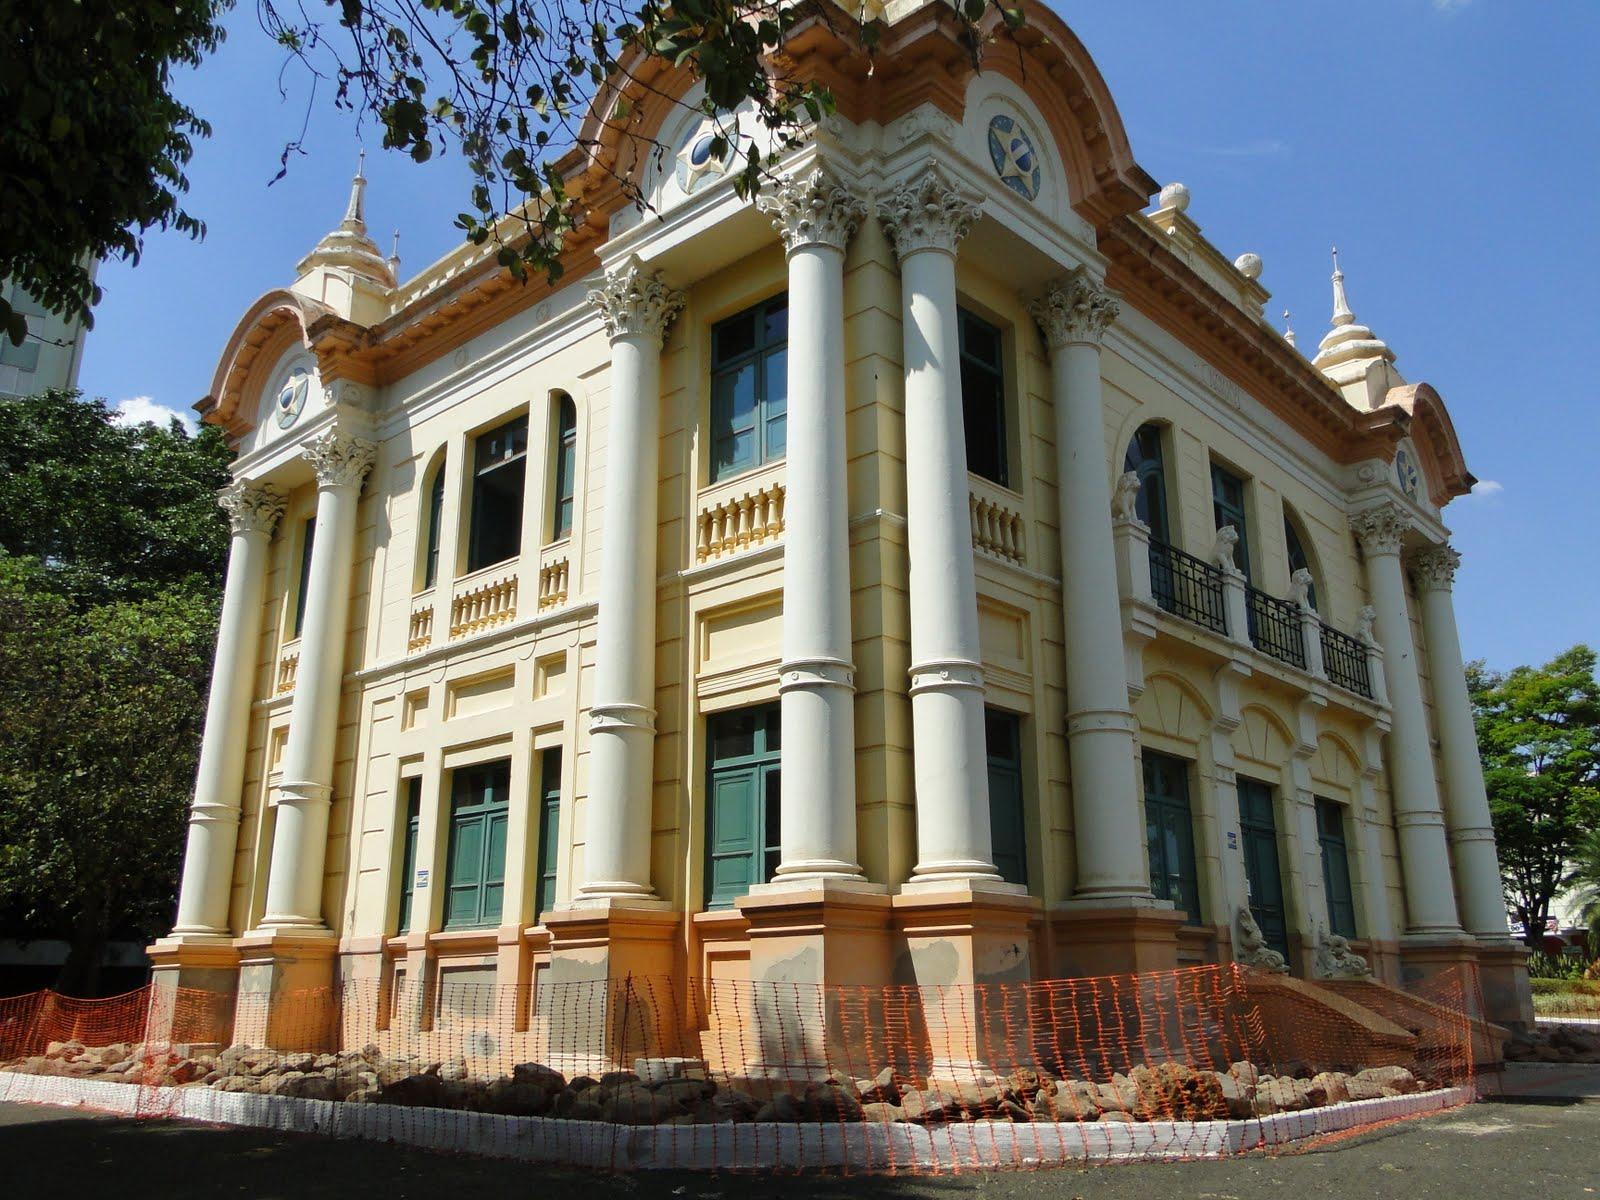 curso de decoracao de interiores em uberlandia: : Projeto de Restauração Preventiva do Museu de Uberlândia/MG